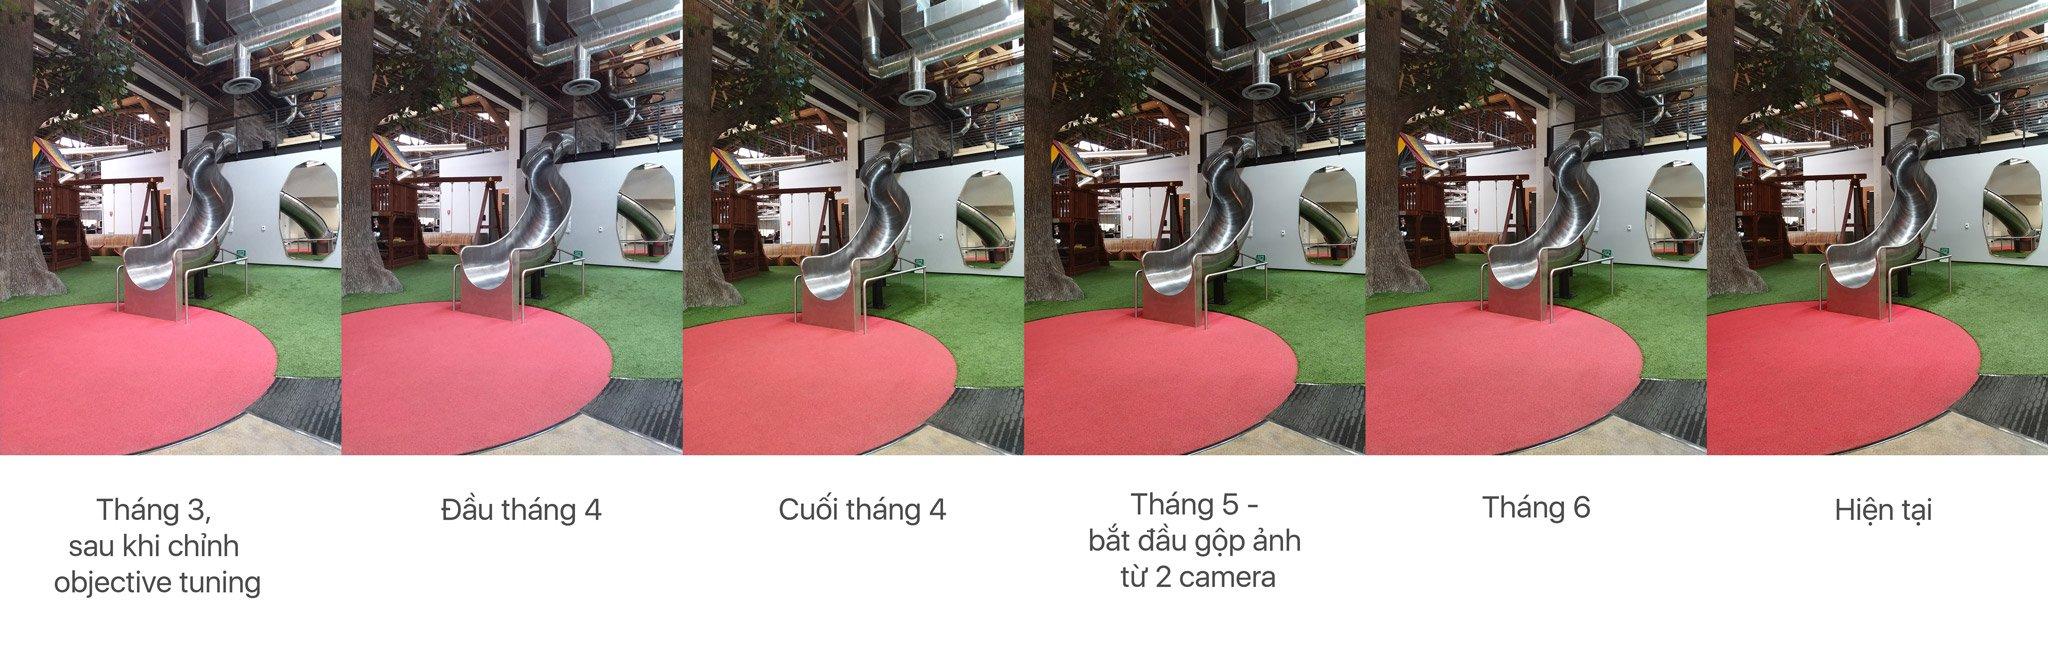 Tinh_chinh_ISP.jpg